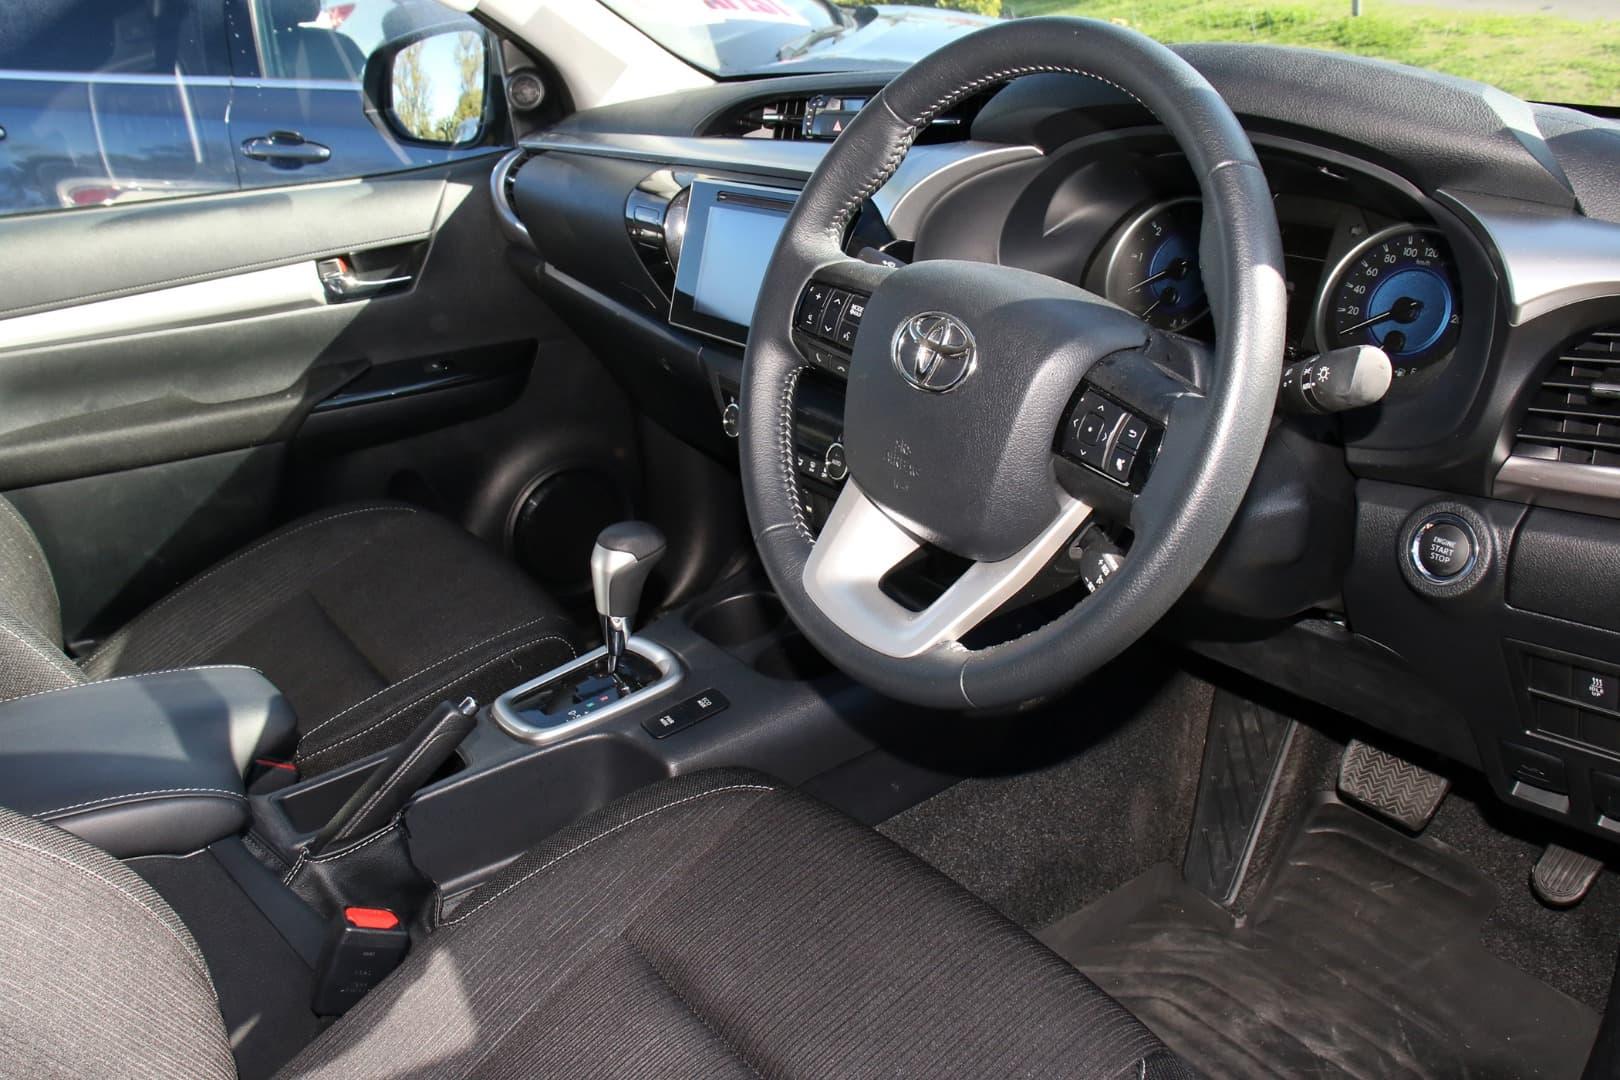 2019 Toyota Hilux SR5 Auto 4x4 Double Cab - image 9